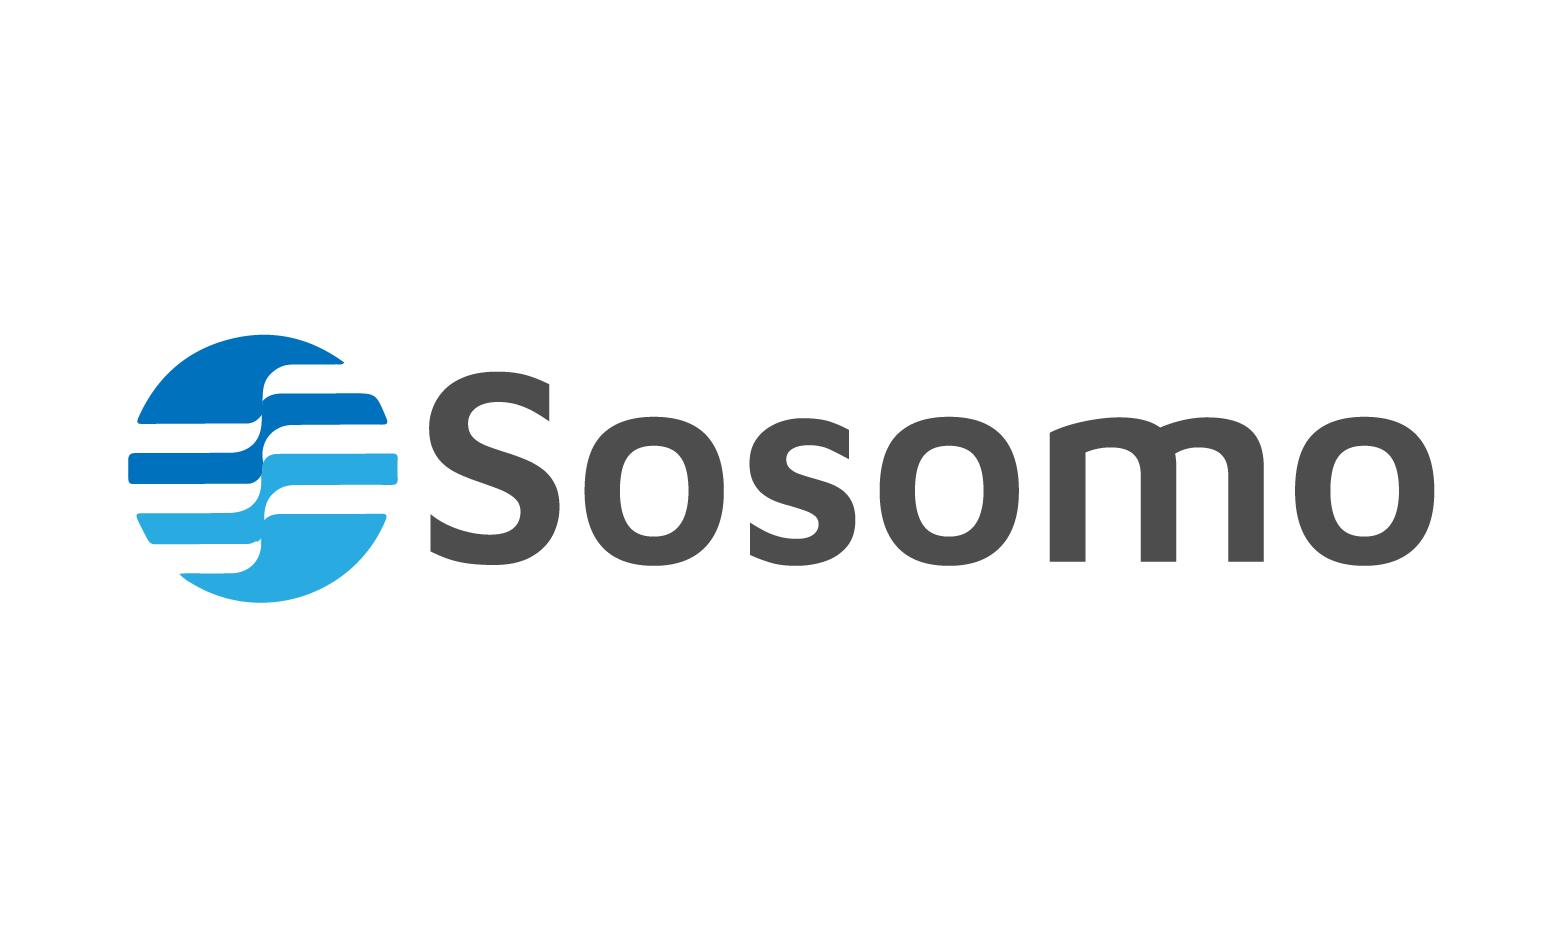 Sosomo.com